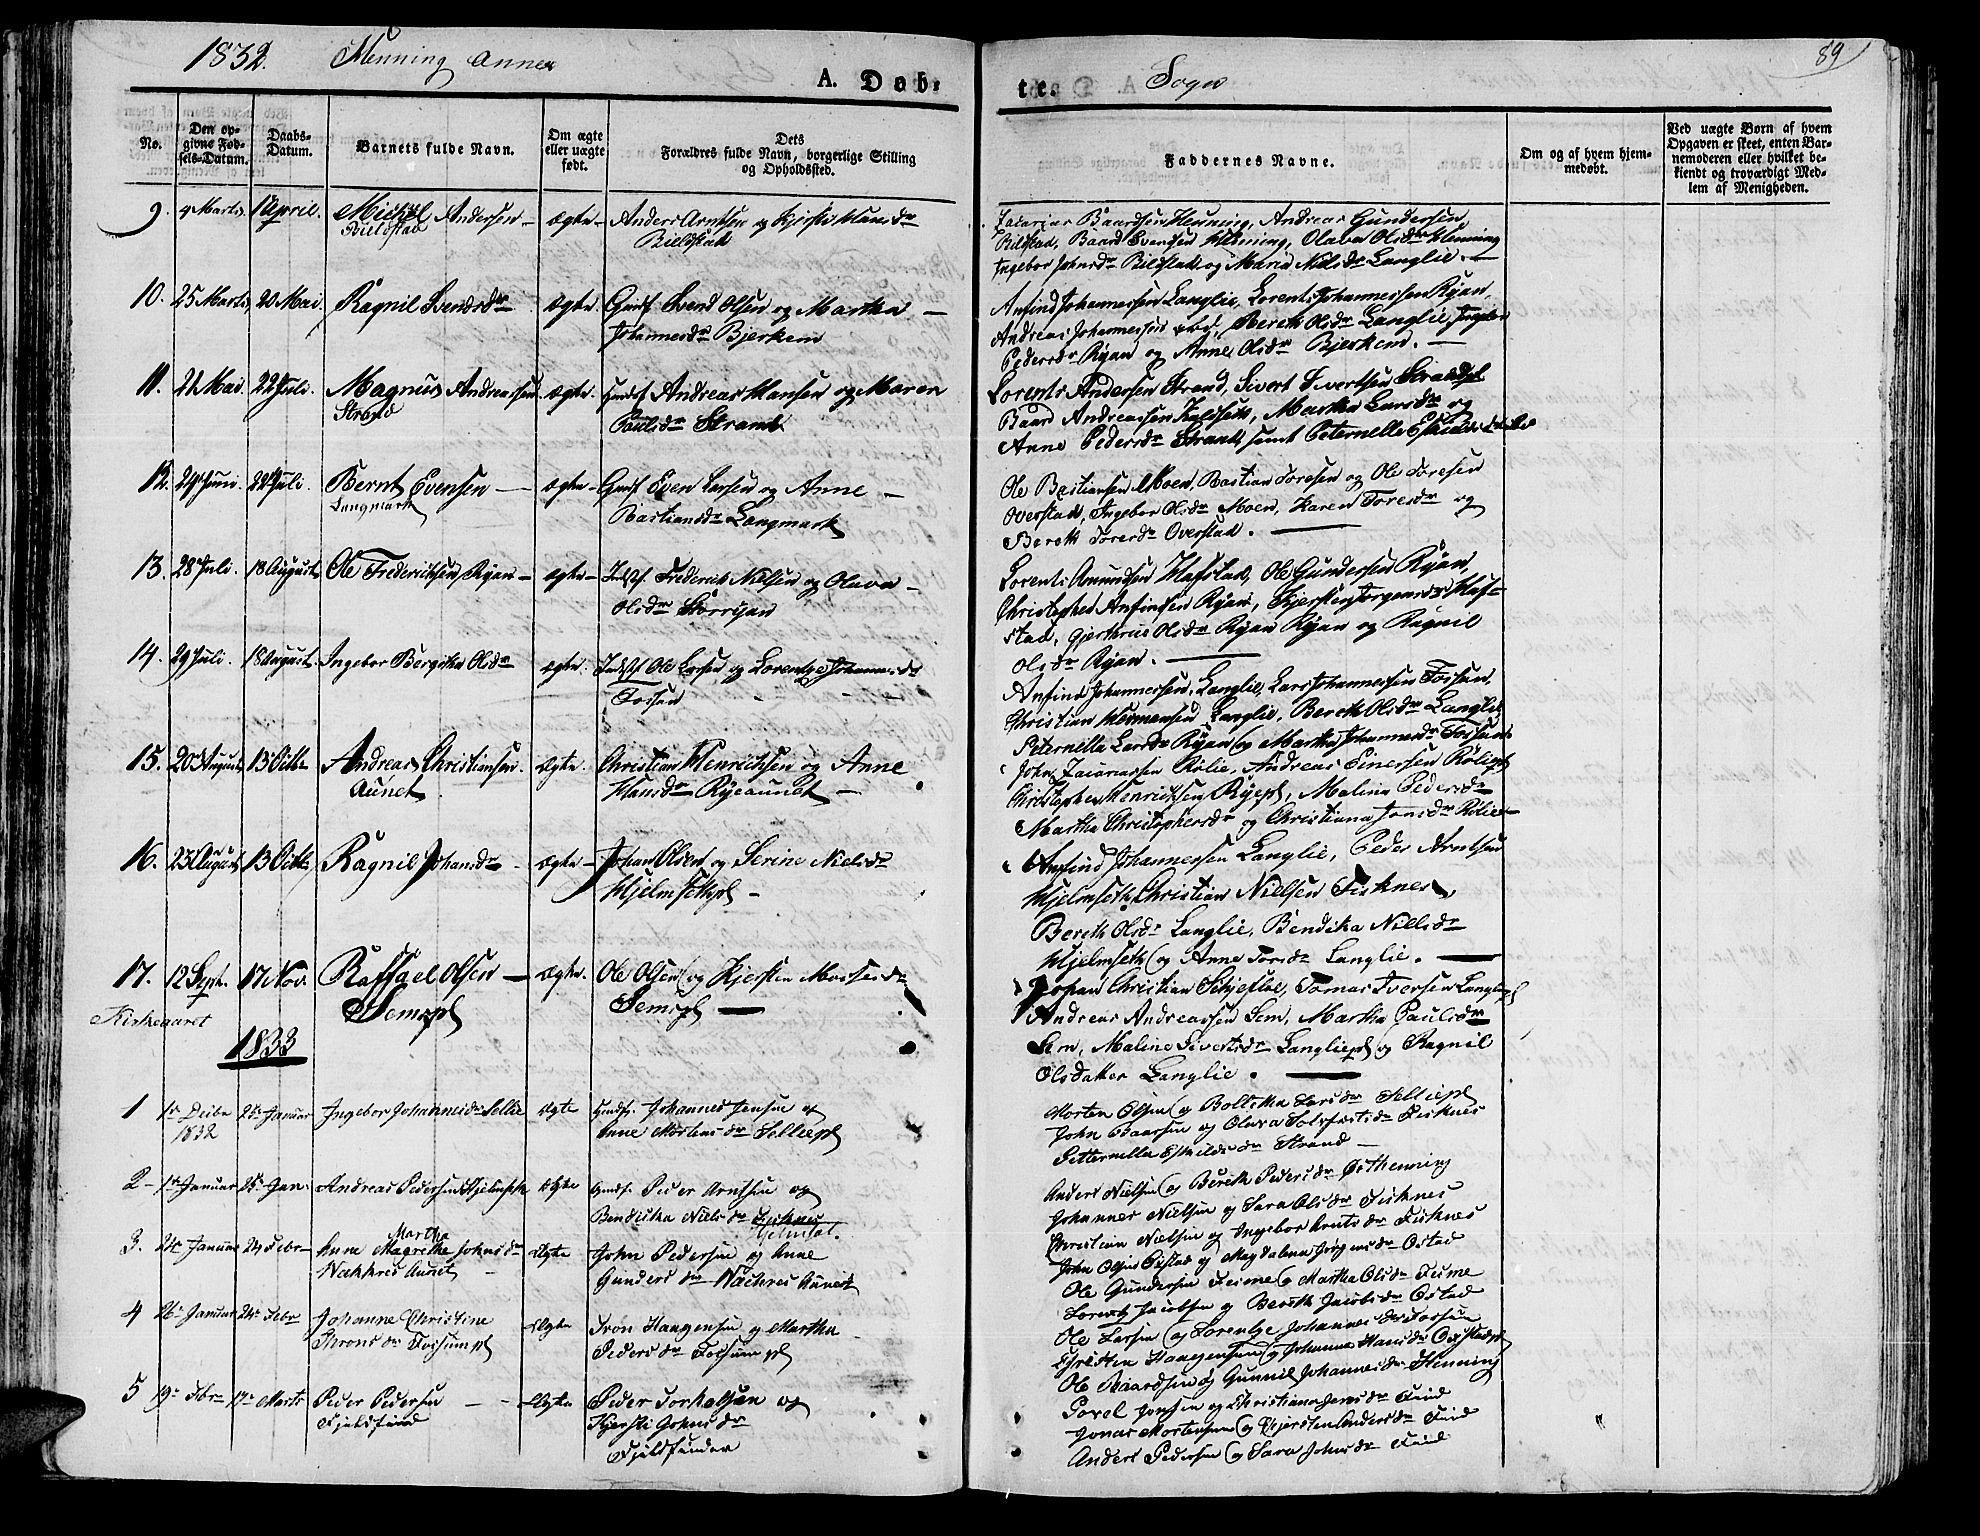 SAT, Ministerialprotokoller, klokkerbøker og fødselsregistre - Nord-Trøndelag, 735/L0336: Ministerialbok nr. 735A05 /3, 1825-1835, s. 89